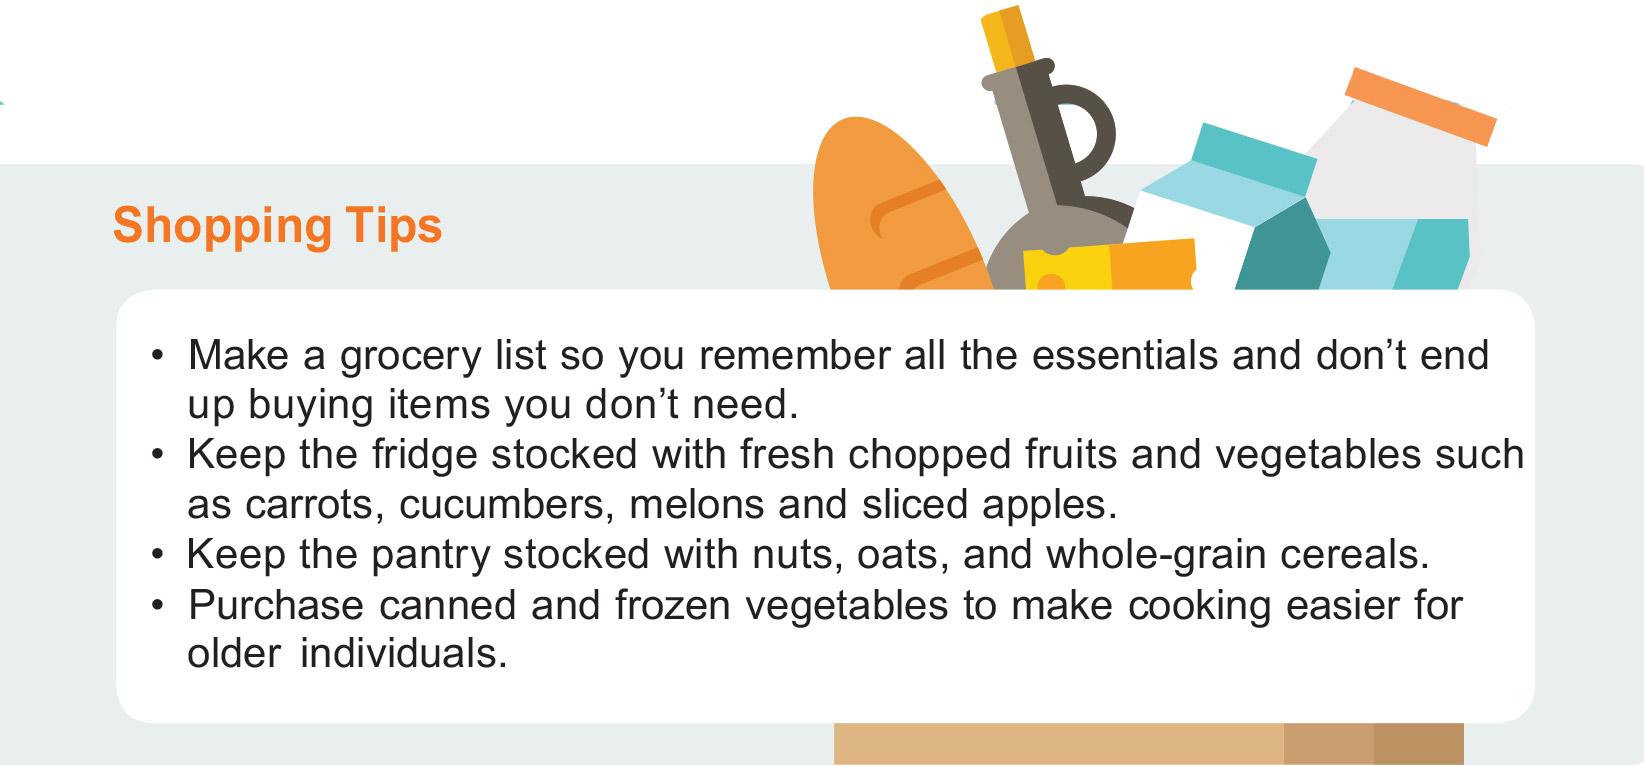 Recipes for Seniors - Shopping Tips